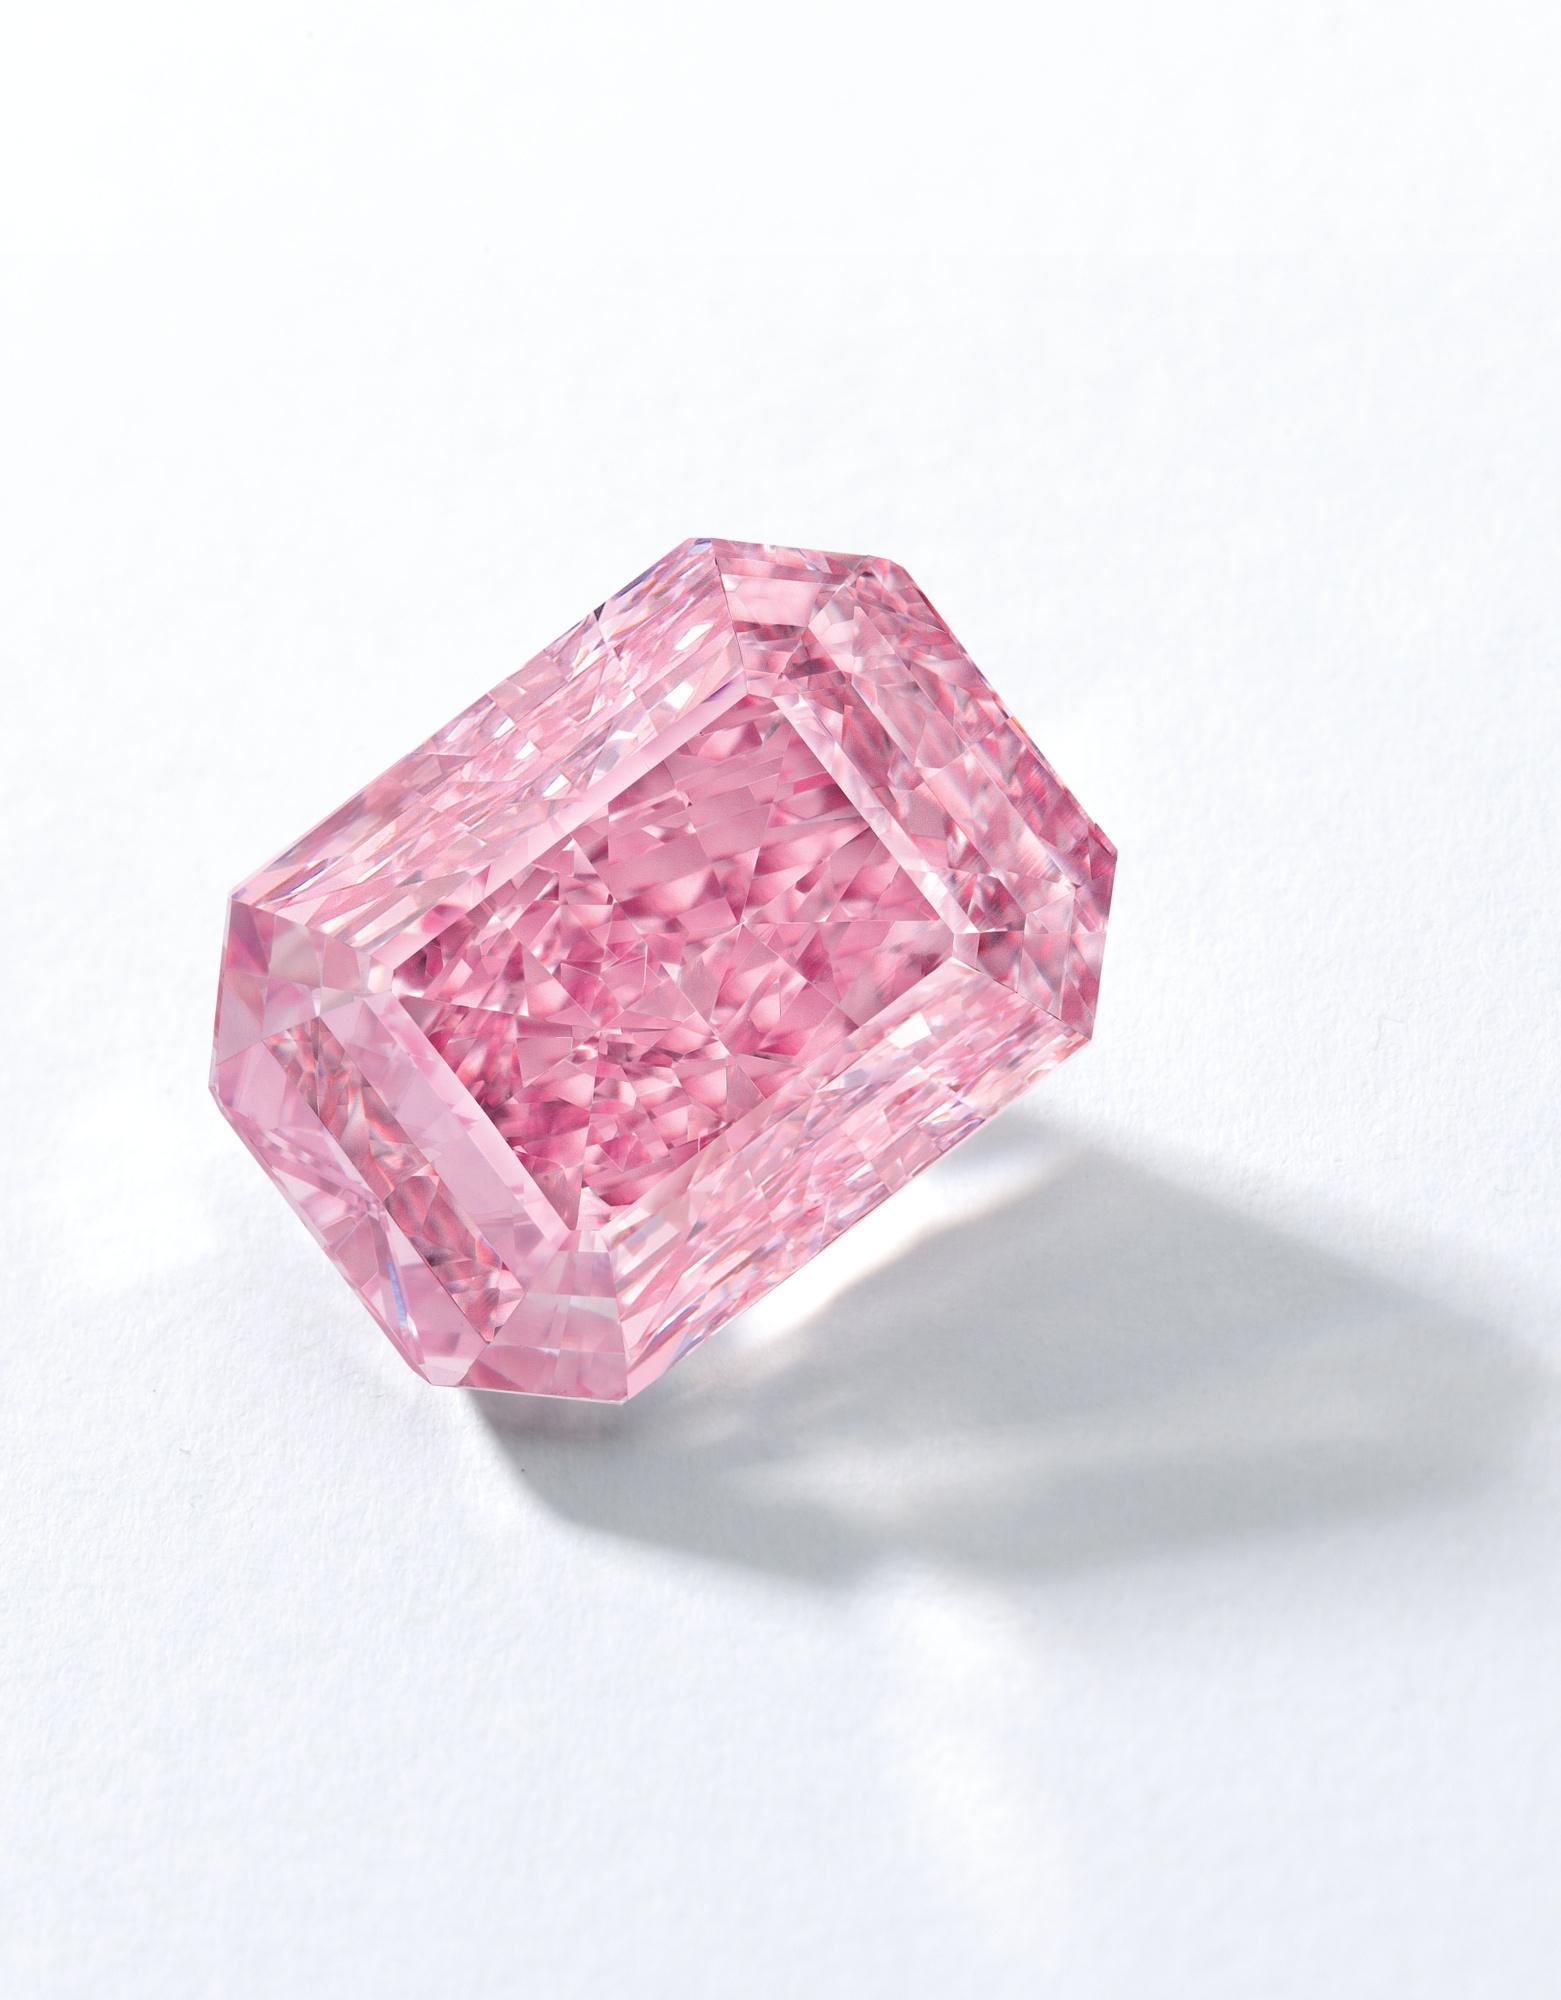 Pin On Mega Expensive Ultra Rare Diamonds 10 000 000